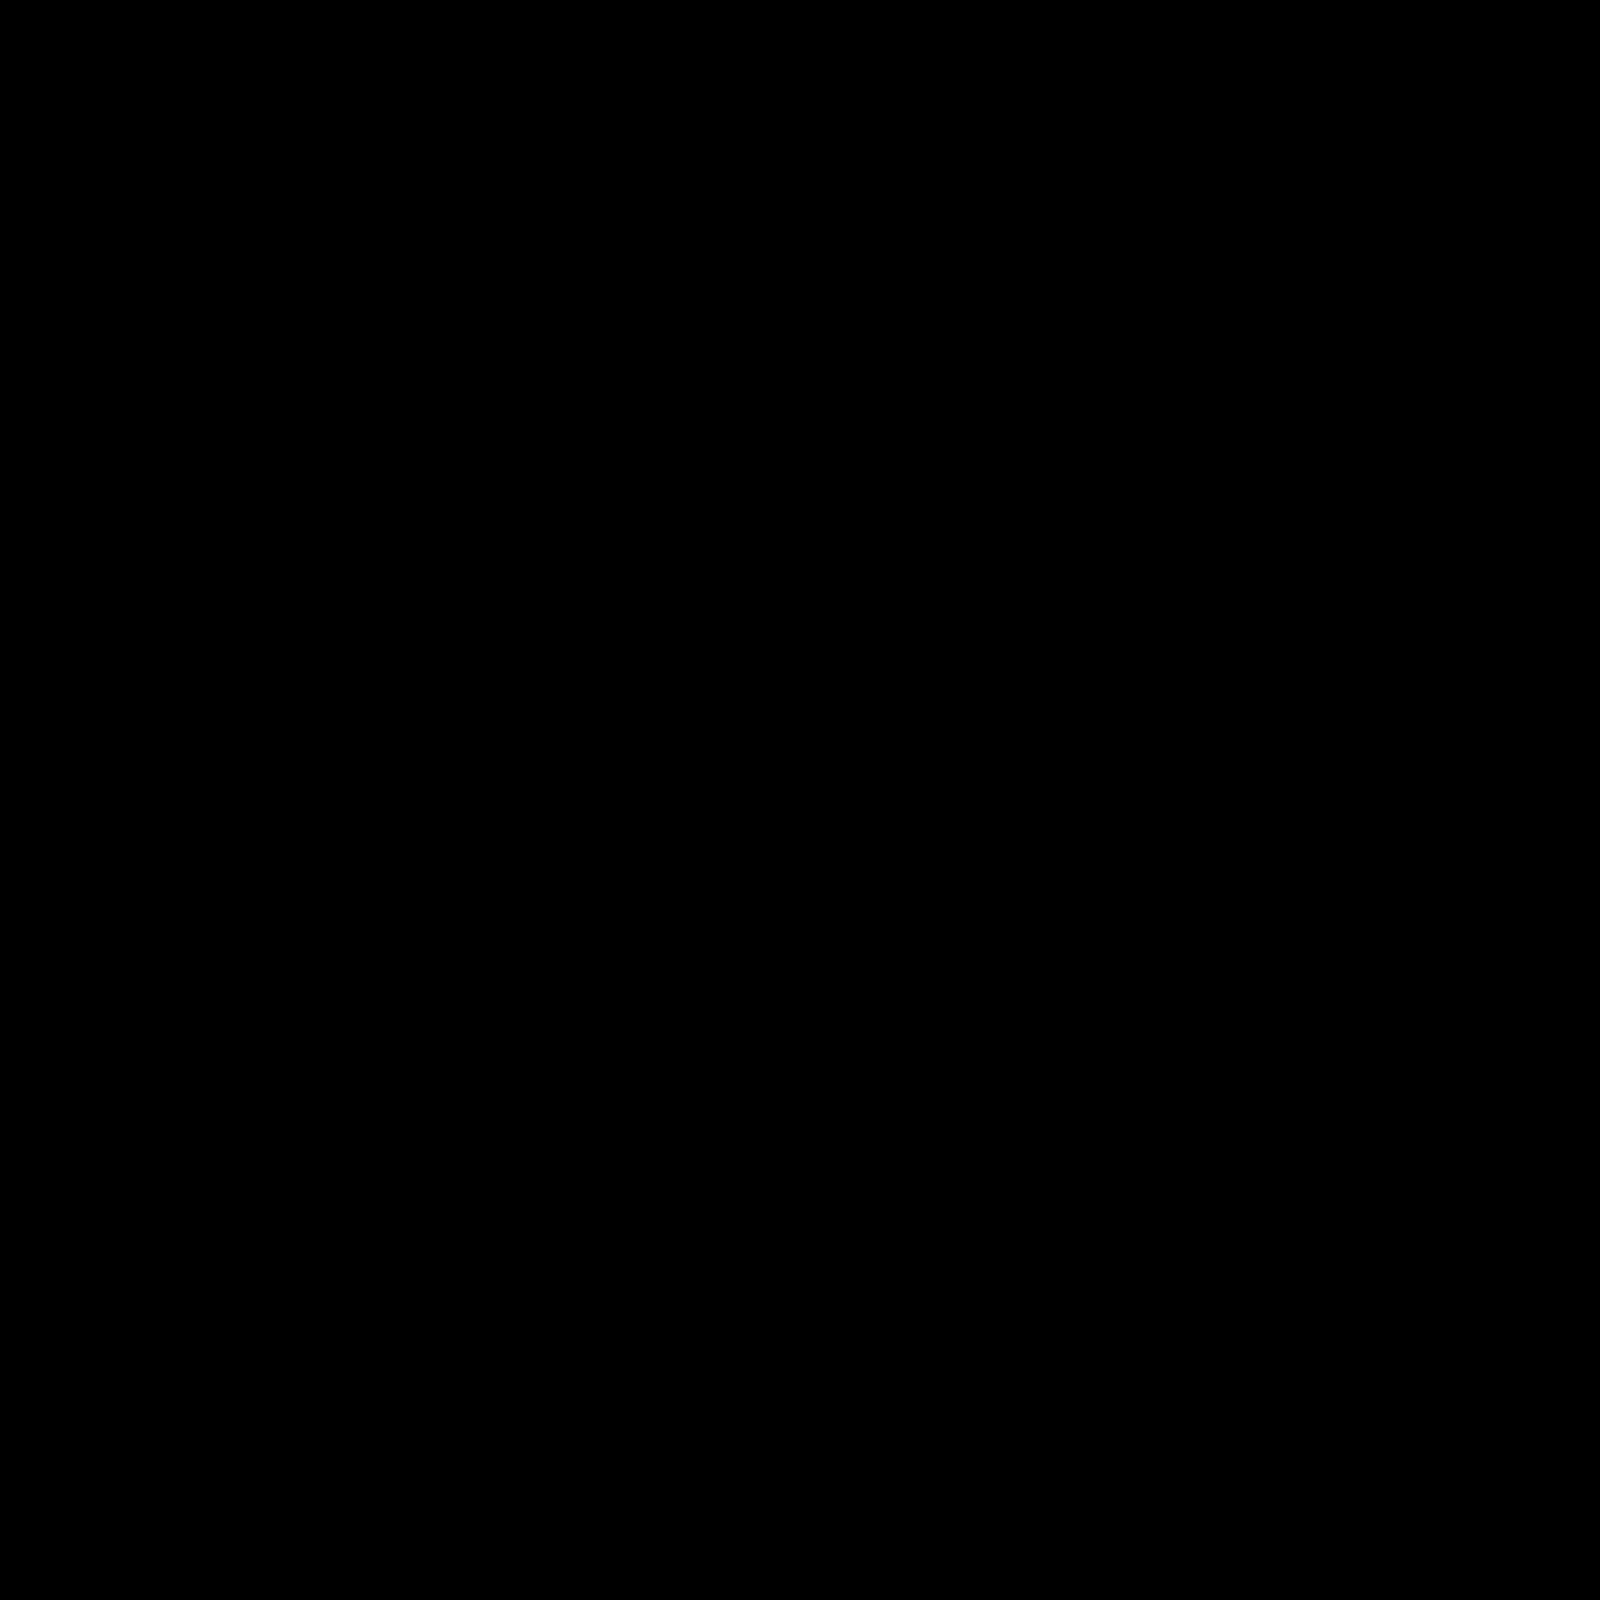 Circle PNG - 25481